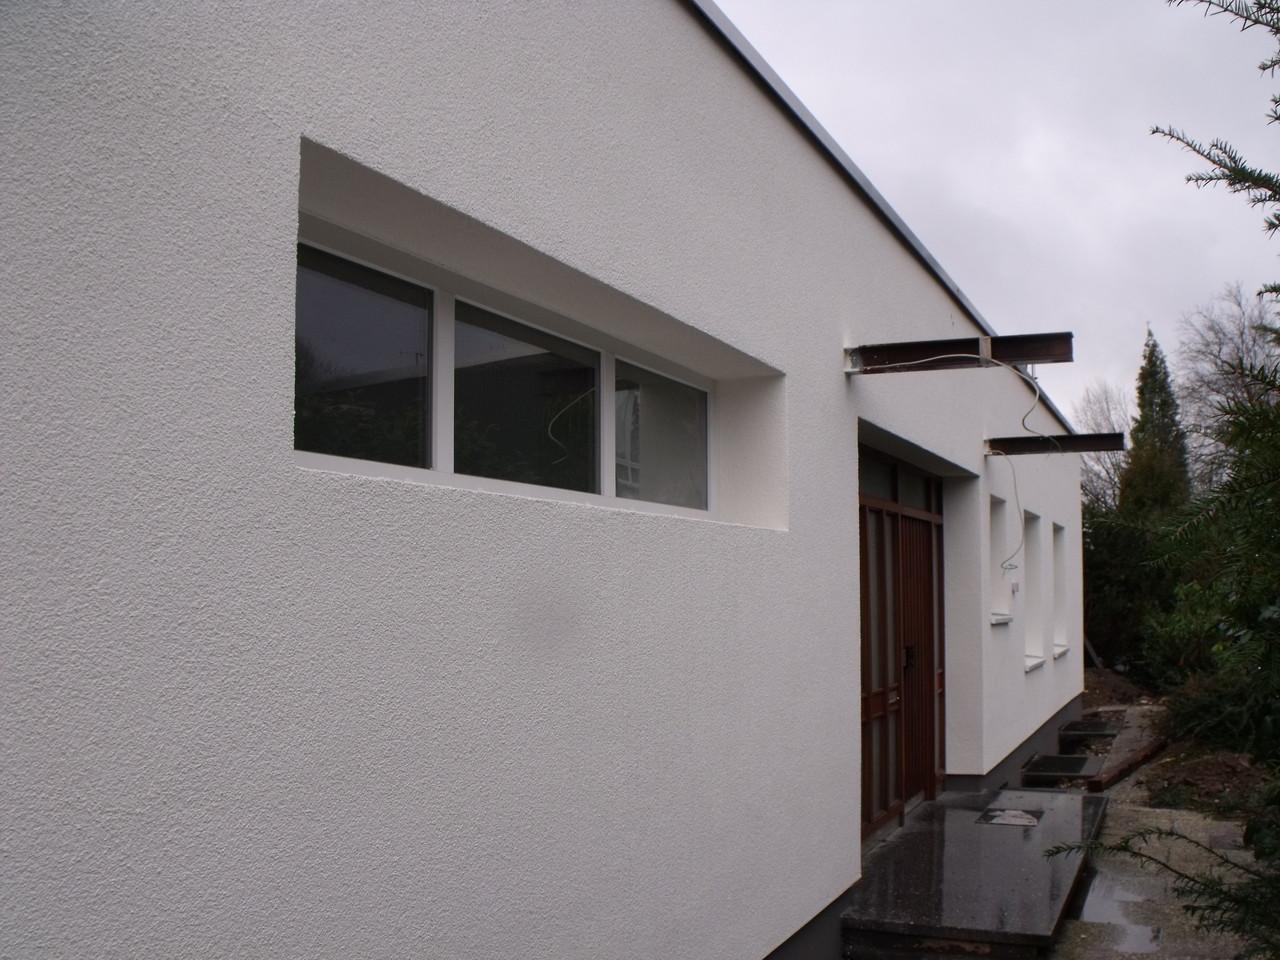 Fensterdetail nach der Fertigstellung